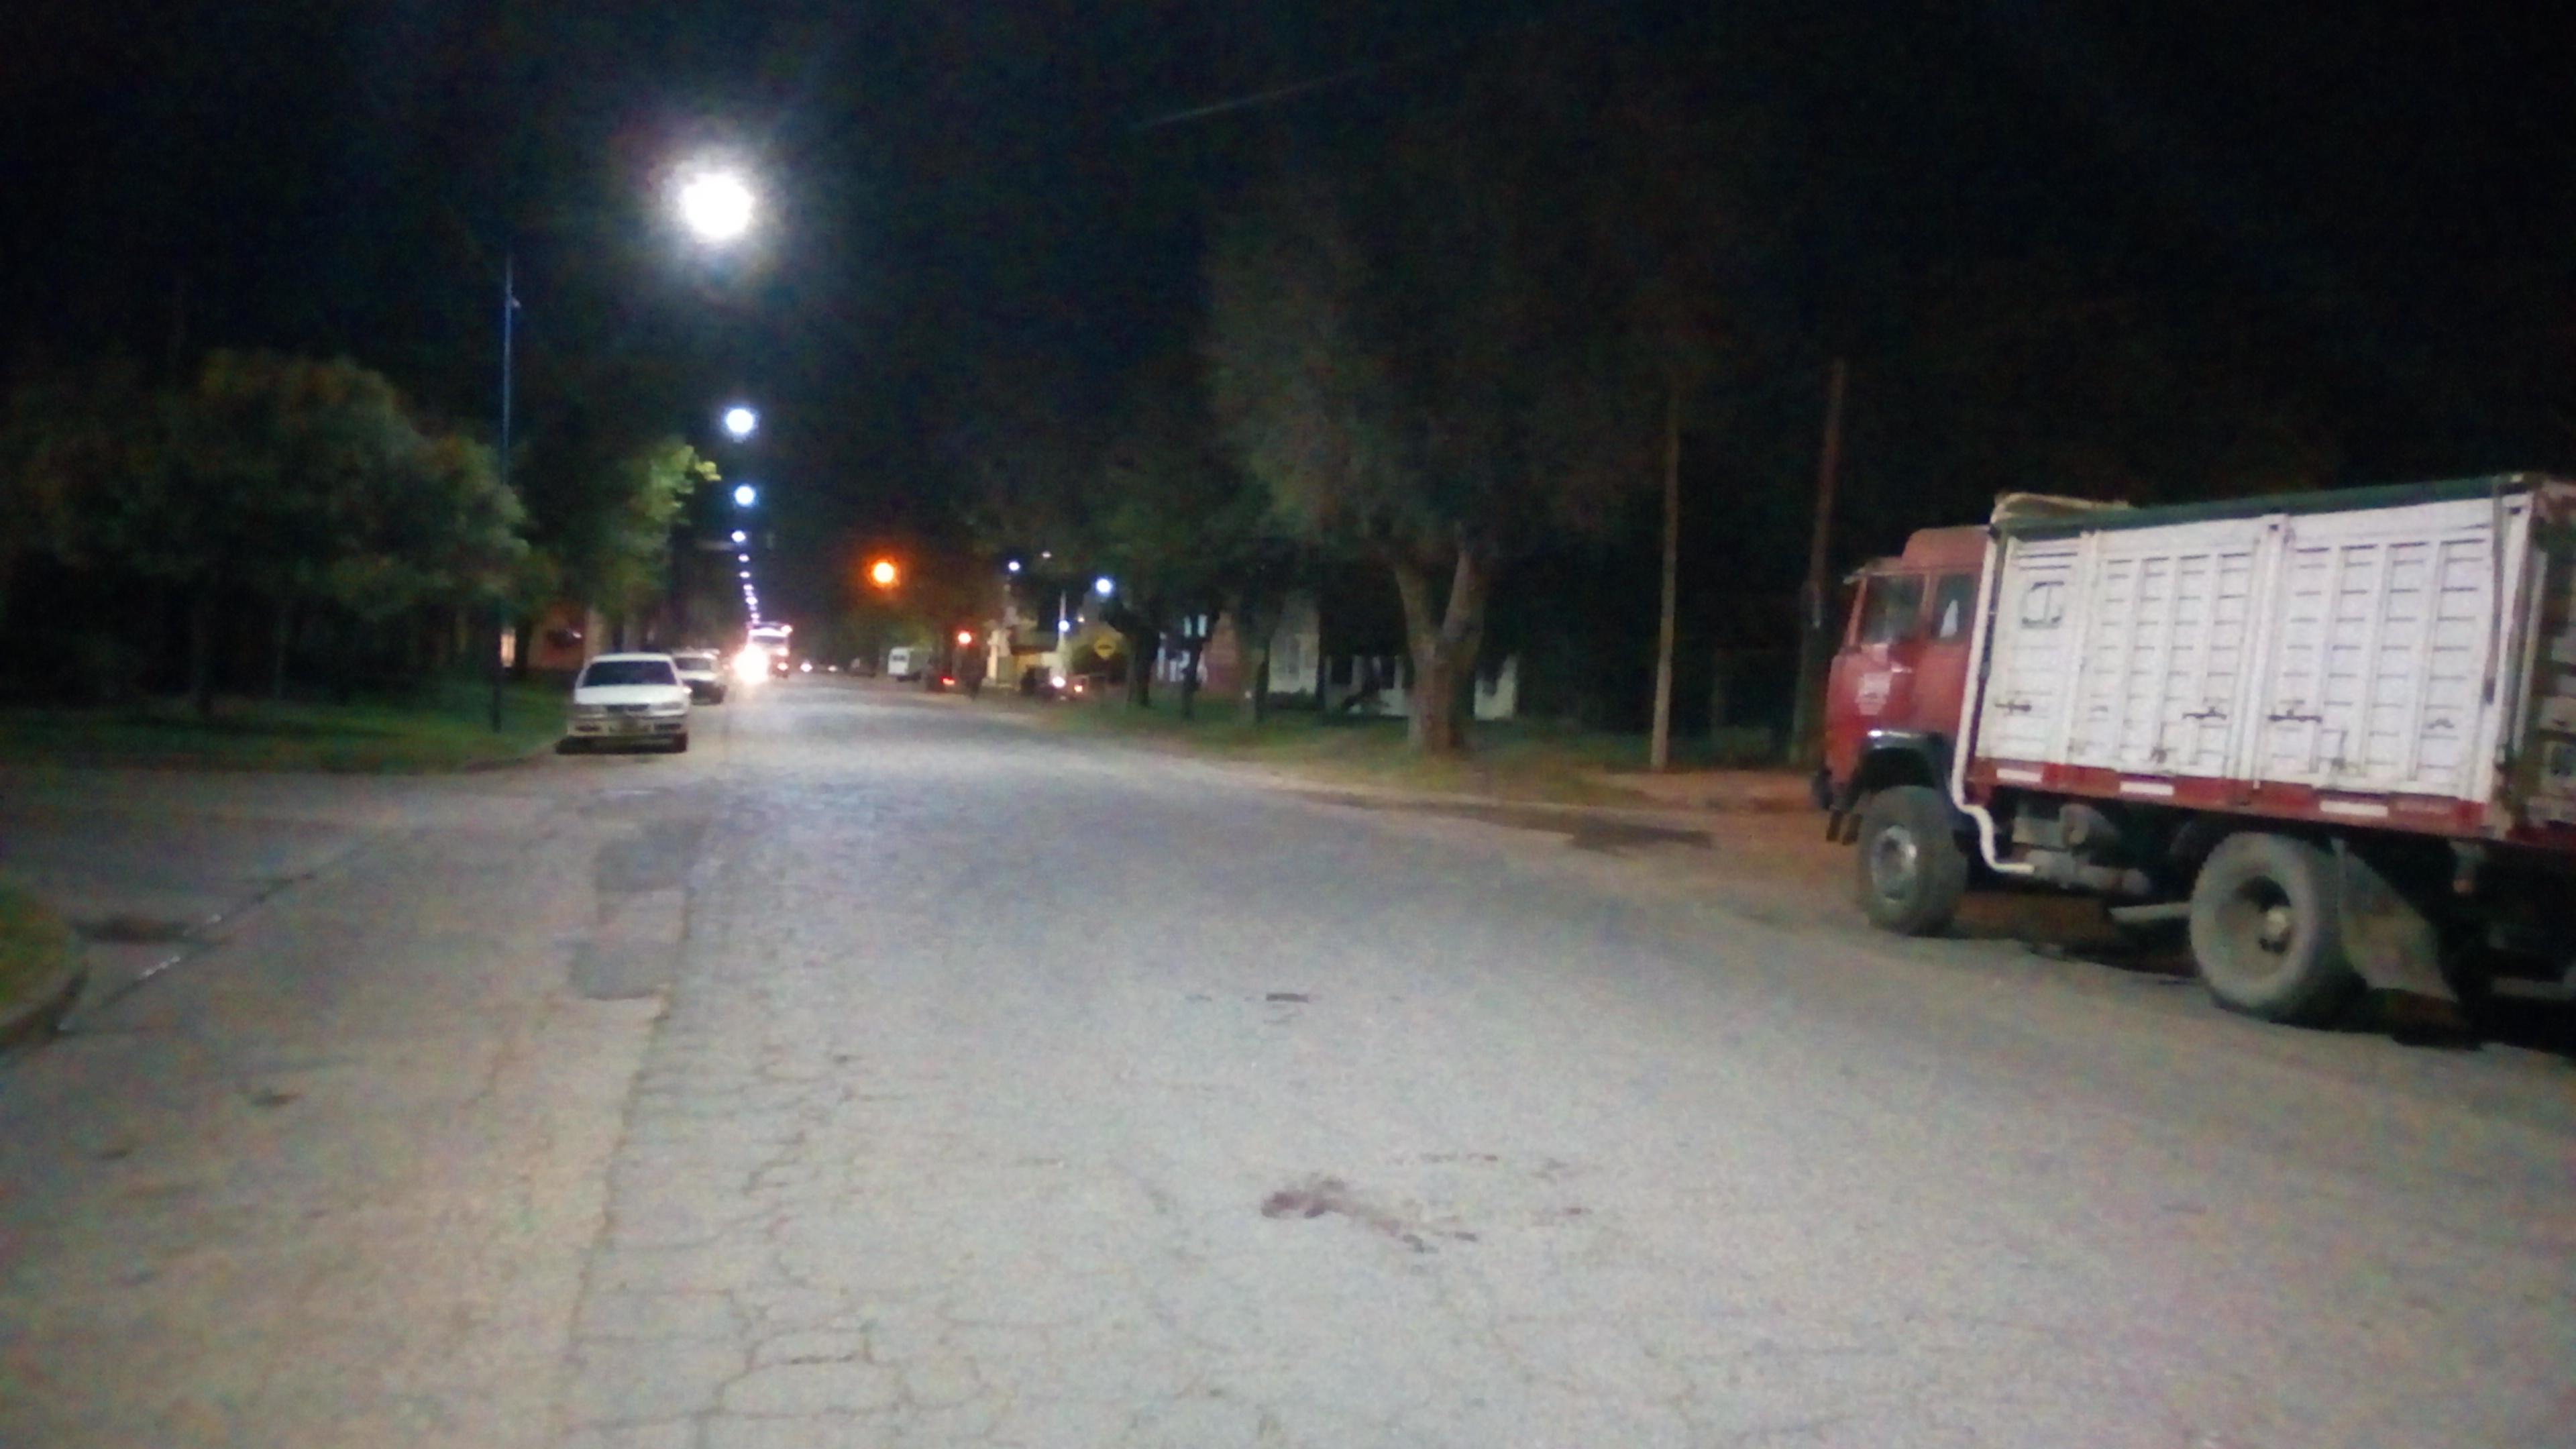 El hecho donde resultó lesionado sucedió el pasado lunes 13 de mayo por la tarde en Bulevar Larrea y Lavalle.